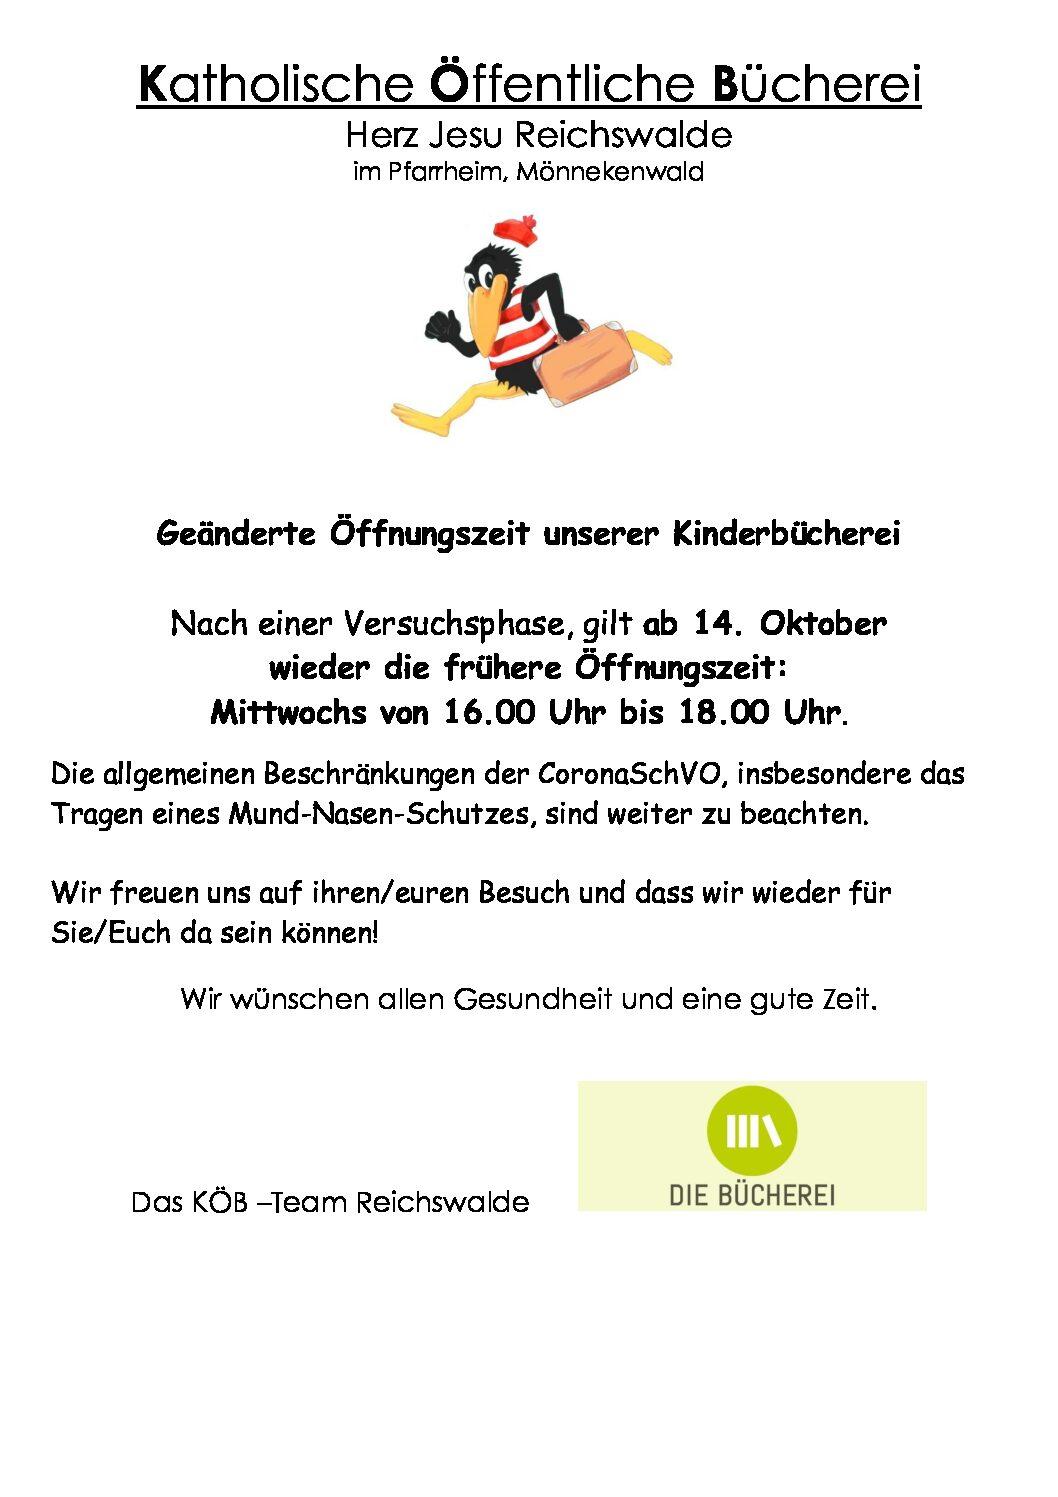 Öffnungszeiten KÖB Reichswalde